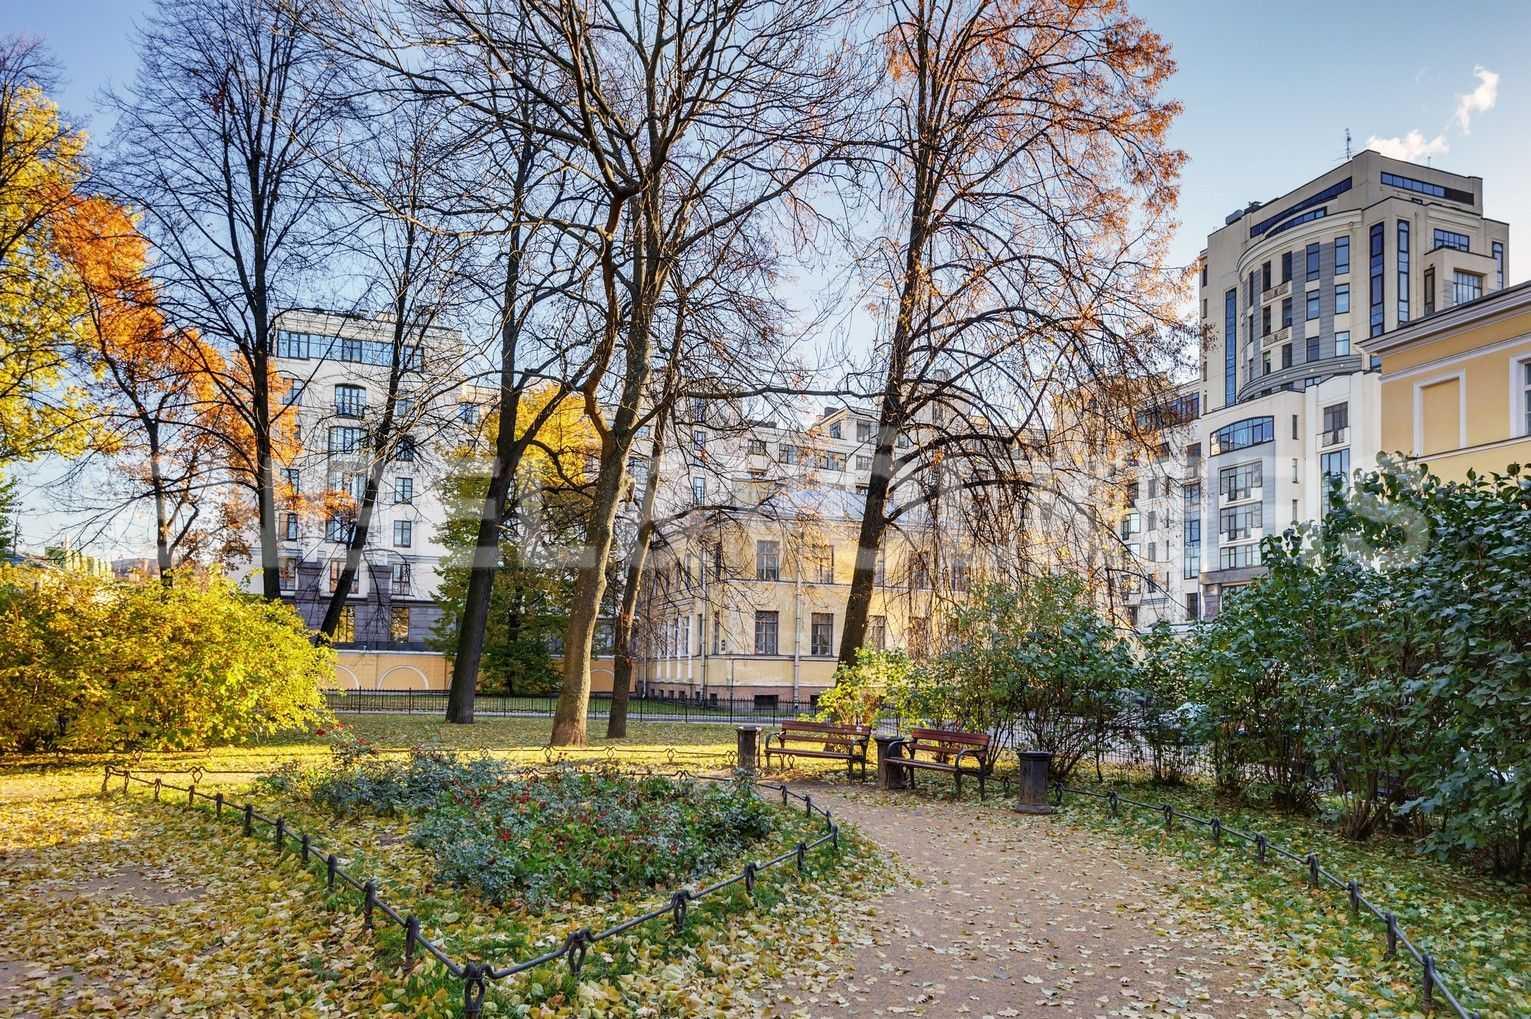 Элитные квартиры в Центральном районе. Санкт-Петербург, Парадная, 3. Сад Салтыкова-Щедрина возле комплекса